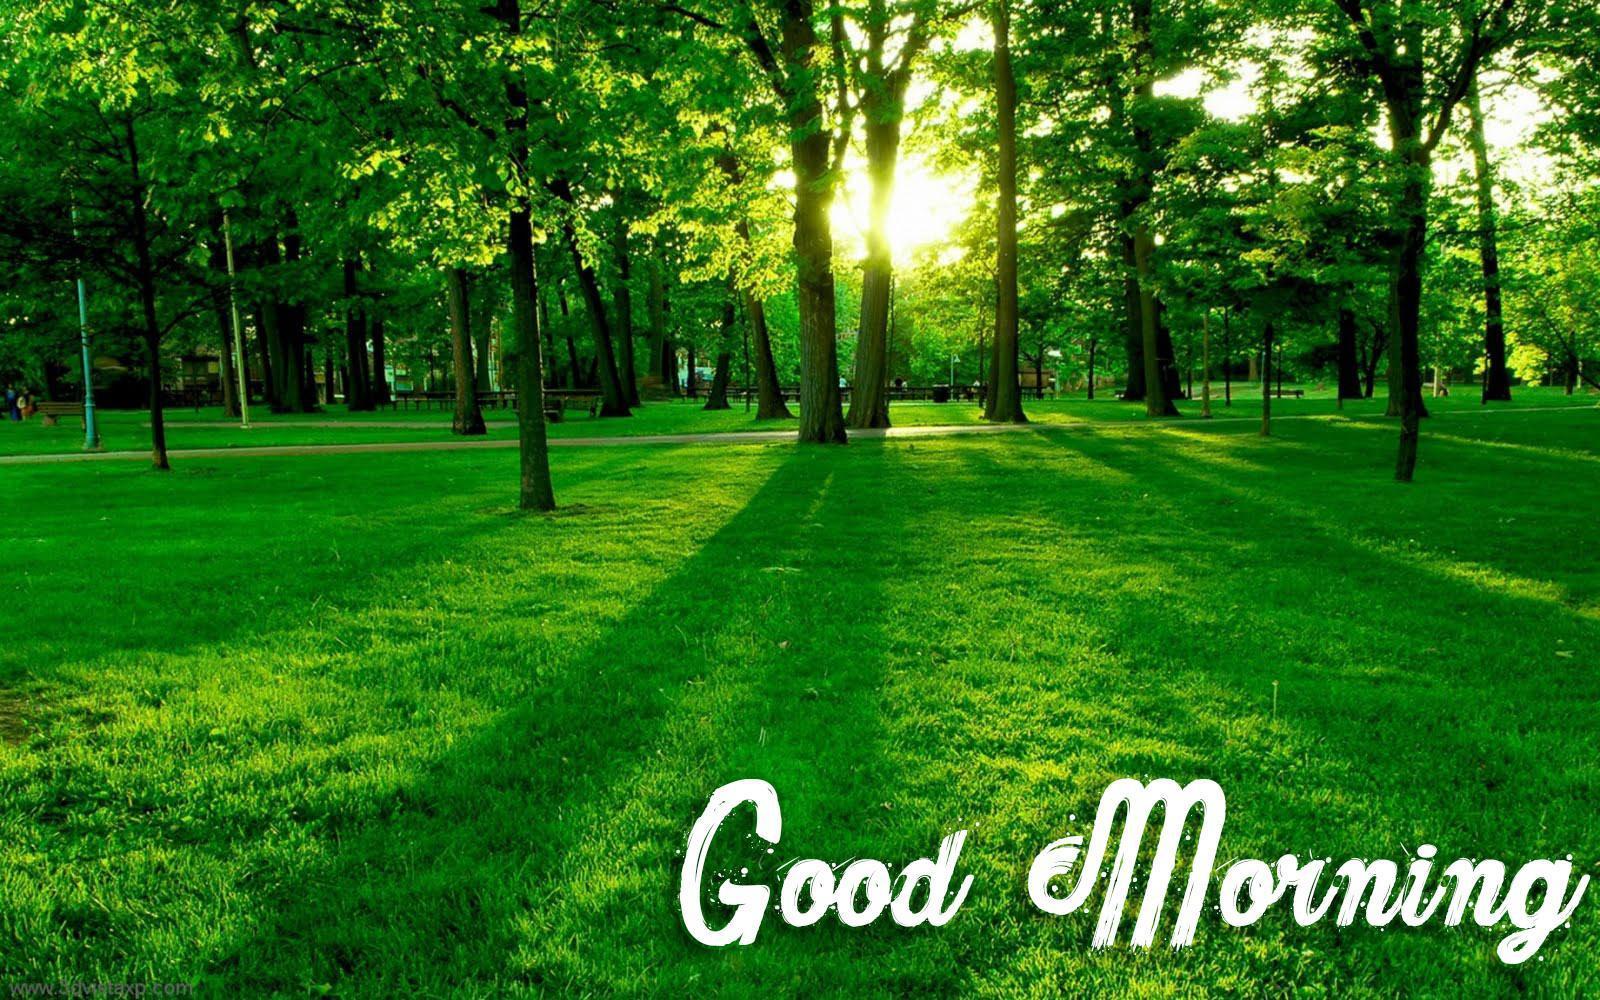 Hình nền 1600x1000 Nature Good Morning